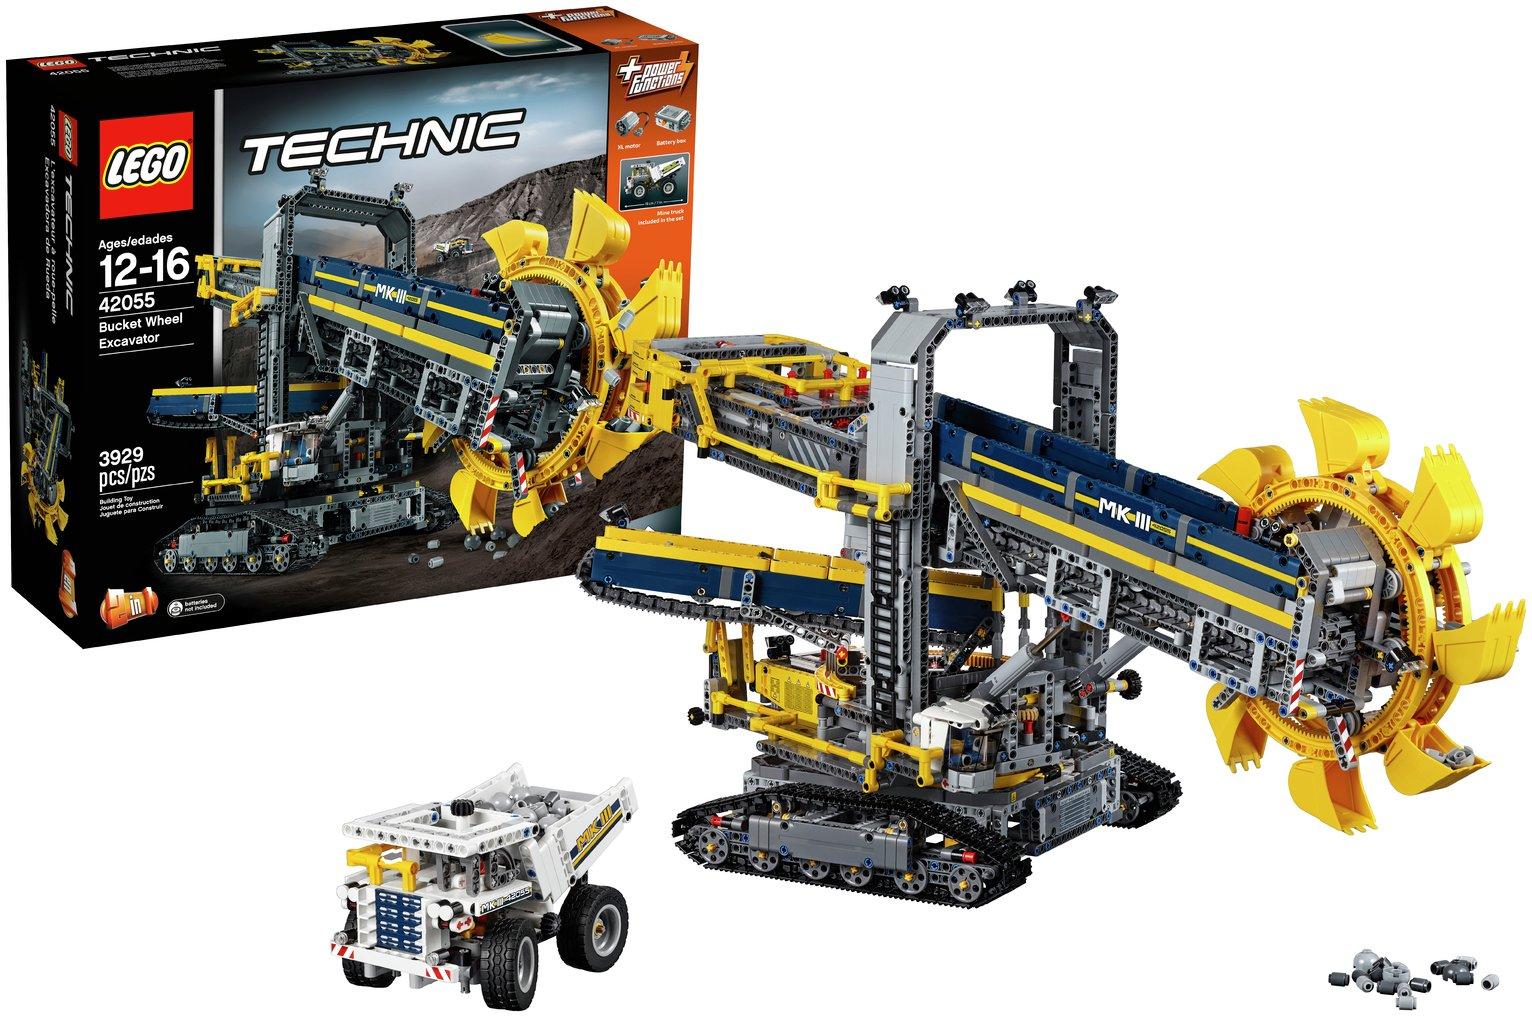 Buy LEGO Technic Bucket Wheel Excavator - 42055 | LEGO | Argos